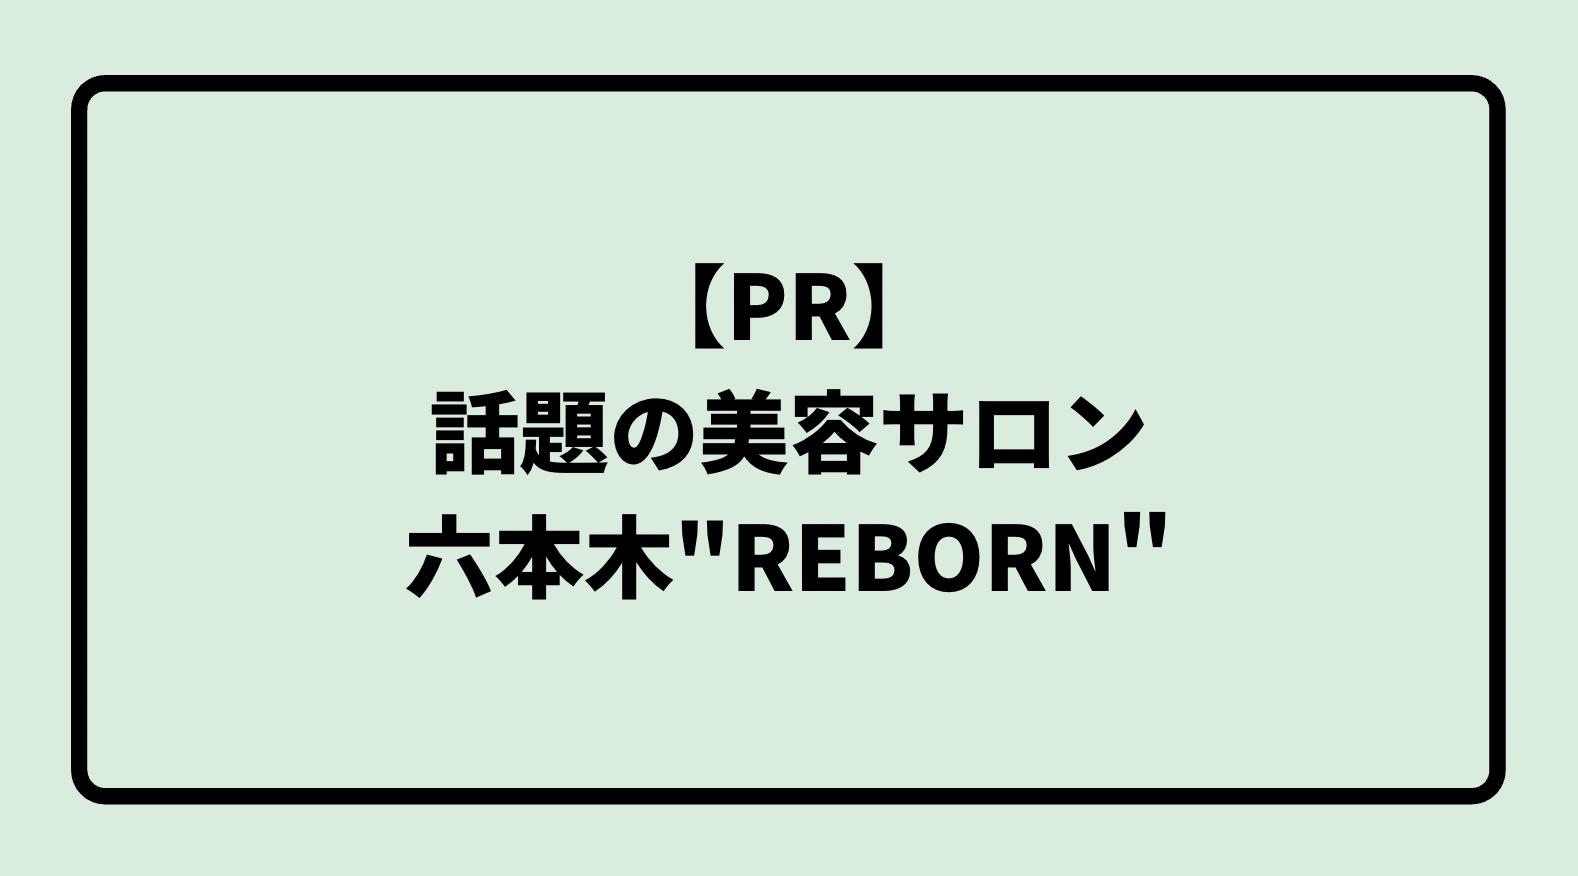 【PR】六本木にOPENした美容HIFUサロン『REBORN』とは?